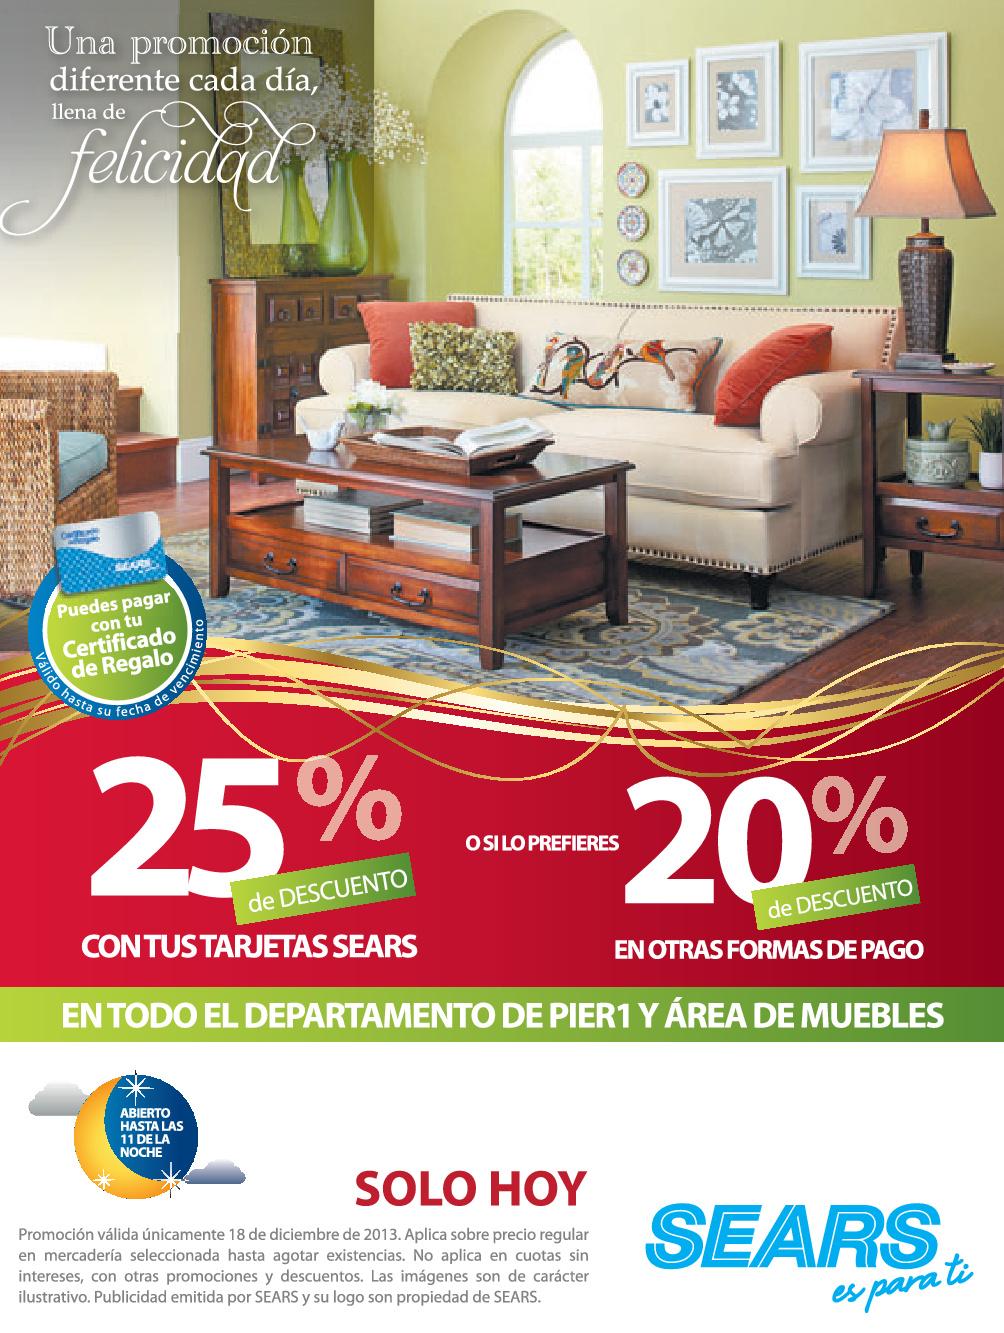 Muebles De Hoy : Sears descuento de hoy en muebles dic ofertas ahora